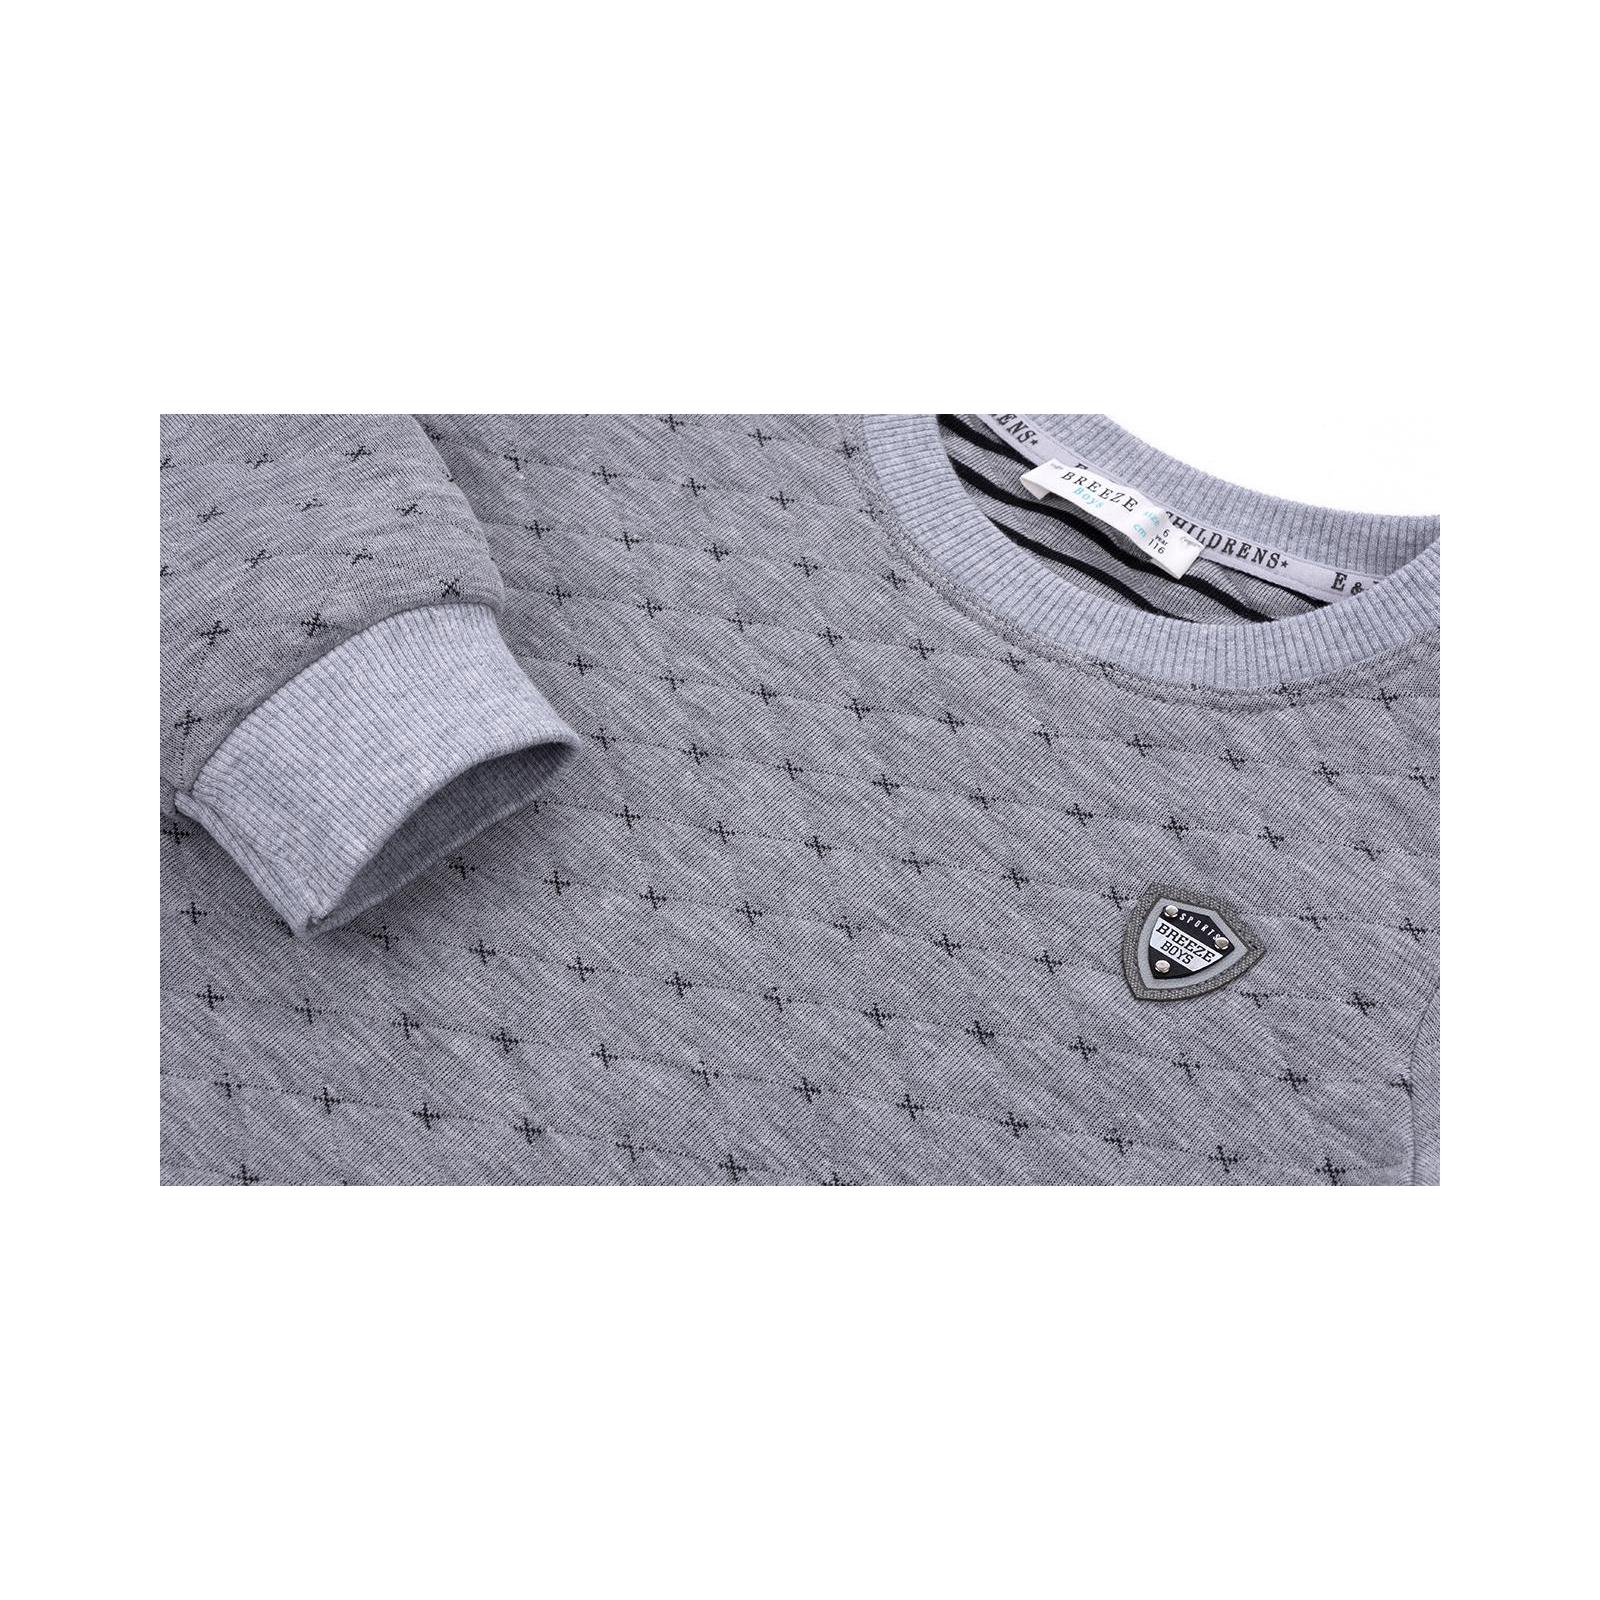 Кофта E&H трикотажная (11026-152B-gray) изображение 4